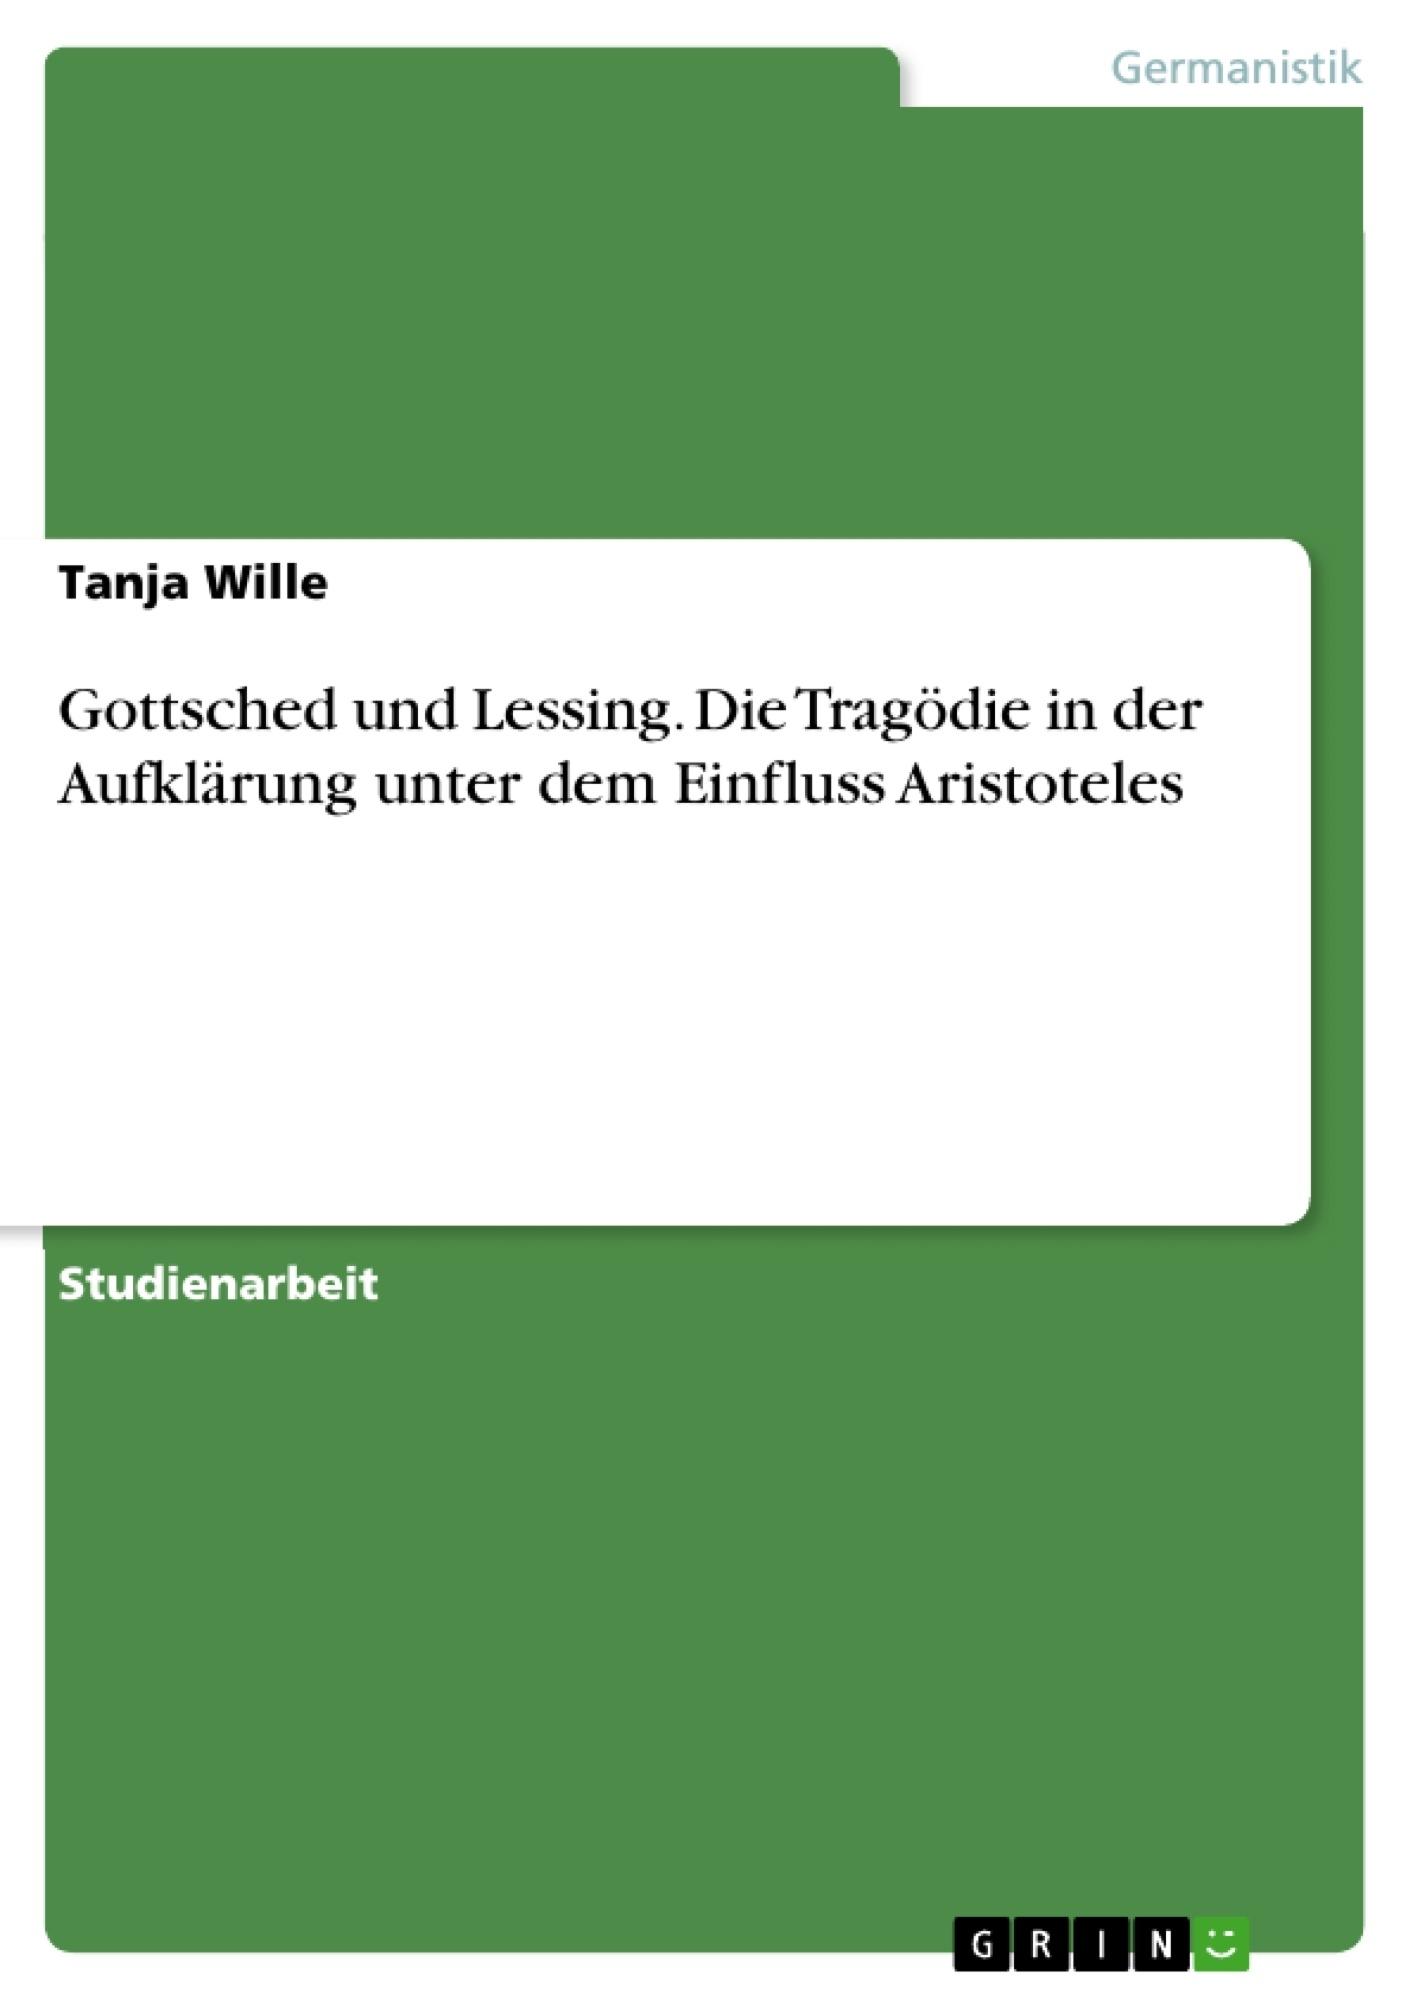 Titel: Gottsched und Lessing. Die Tragödie in der Aufklärung unter dem Einfluss Aristoteles